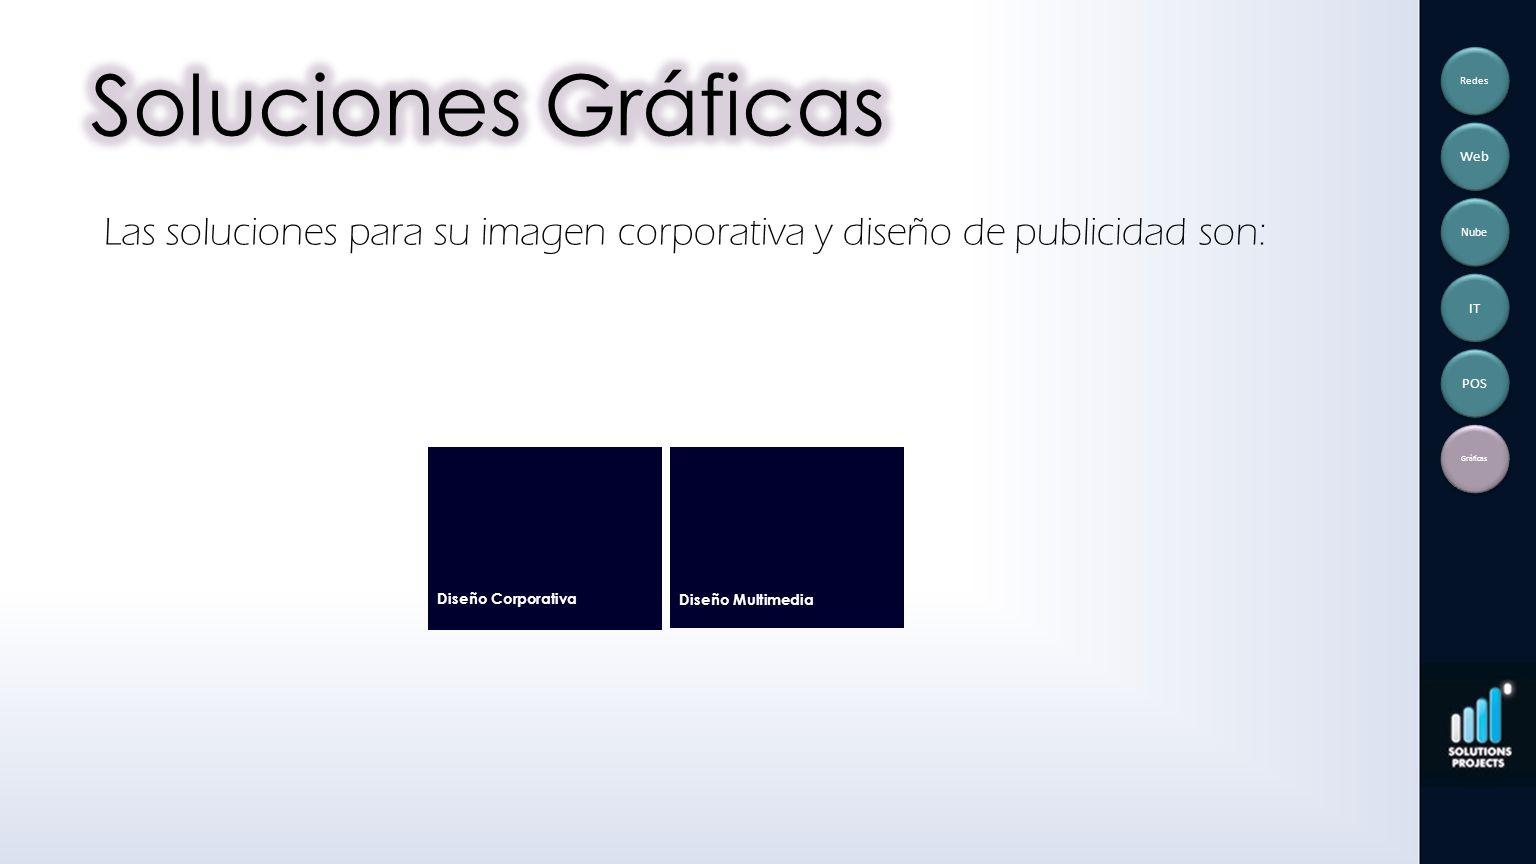 Soluciones Gráficas Redes. Web. Las soluciones para su imagen corporativa y diseño de publicidad son: